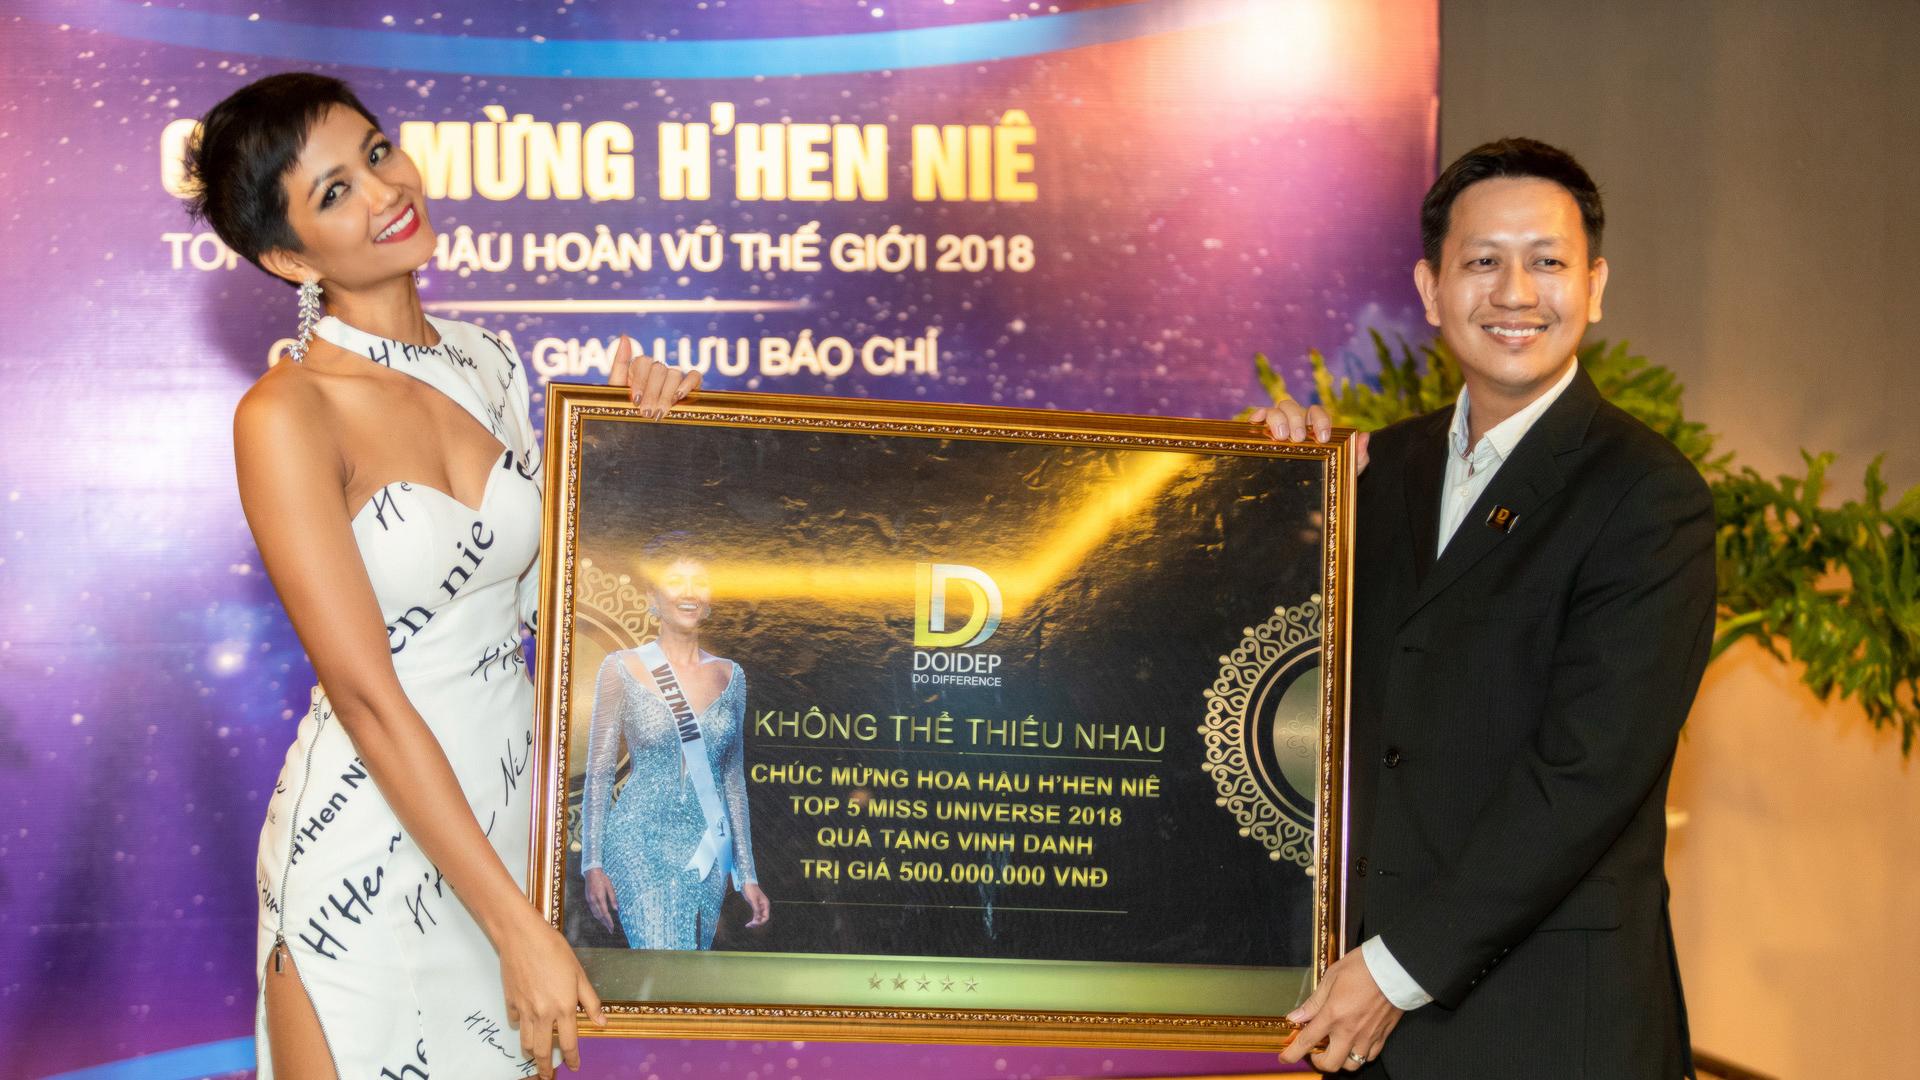 Trở về từ Miss Universe 2018, Hoa hậu H'Hen Niê dành 100% tiền thưởng làm từ thiện